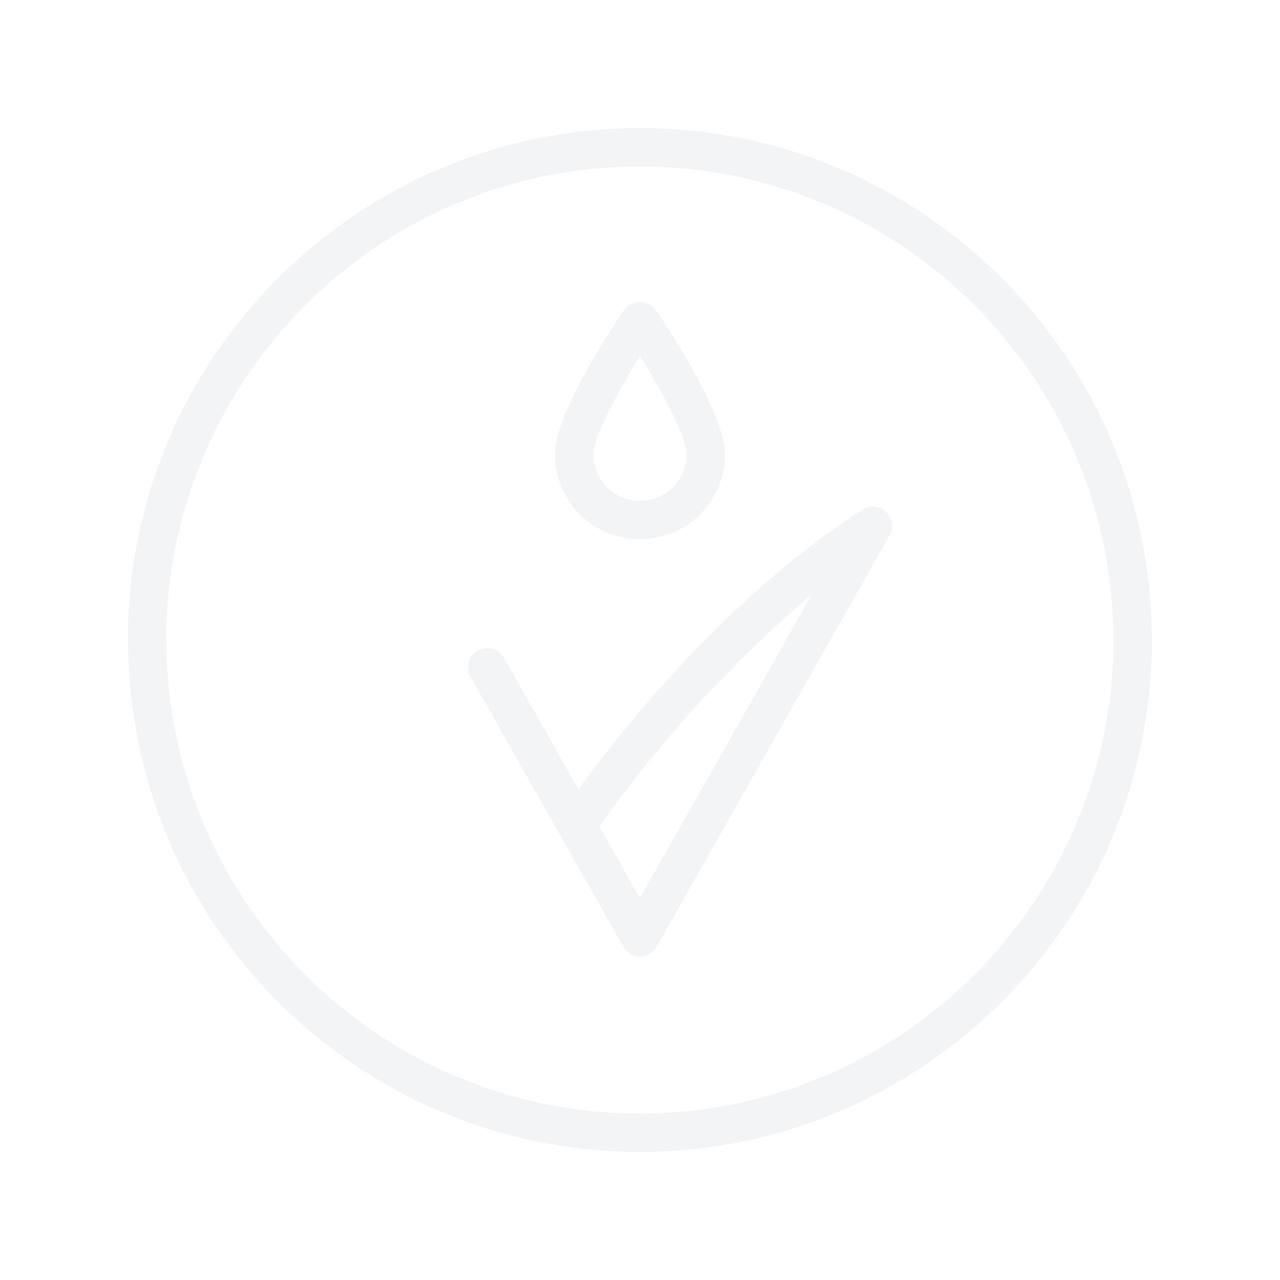 MAX FACTOR Colour Elixir Cushion Lip Gloss No.010 Starlight Coral 9ml